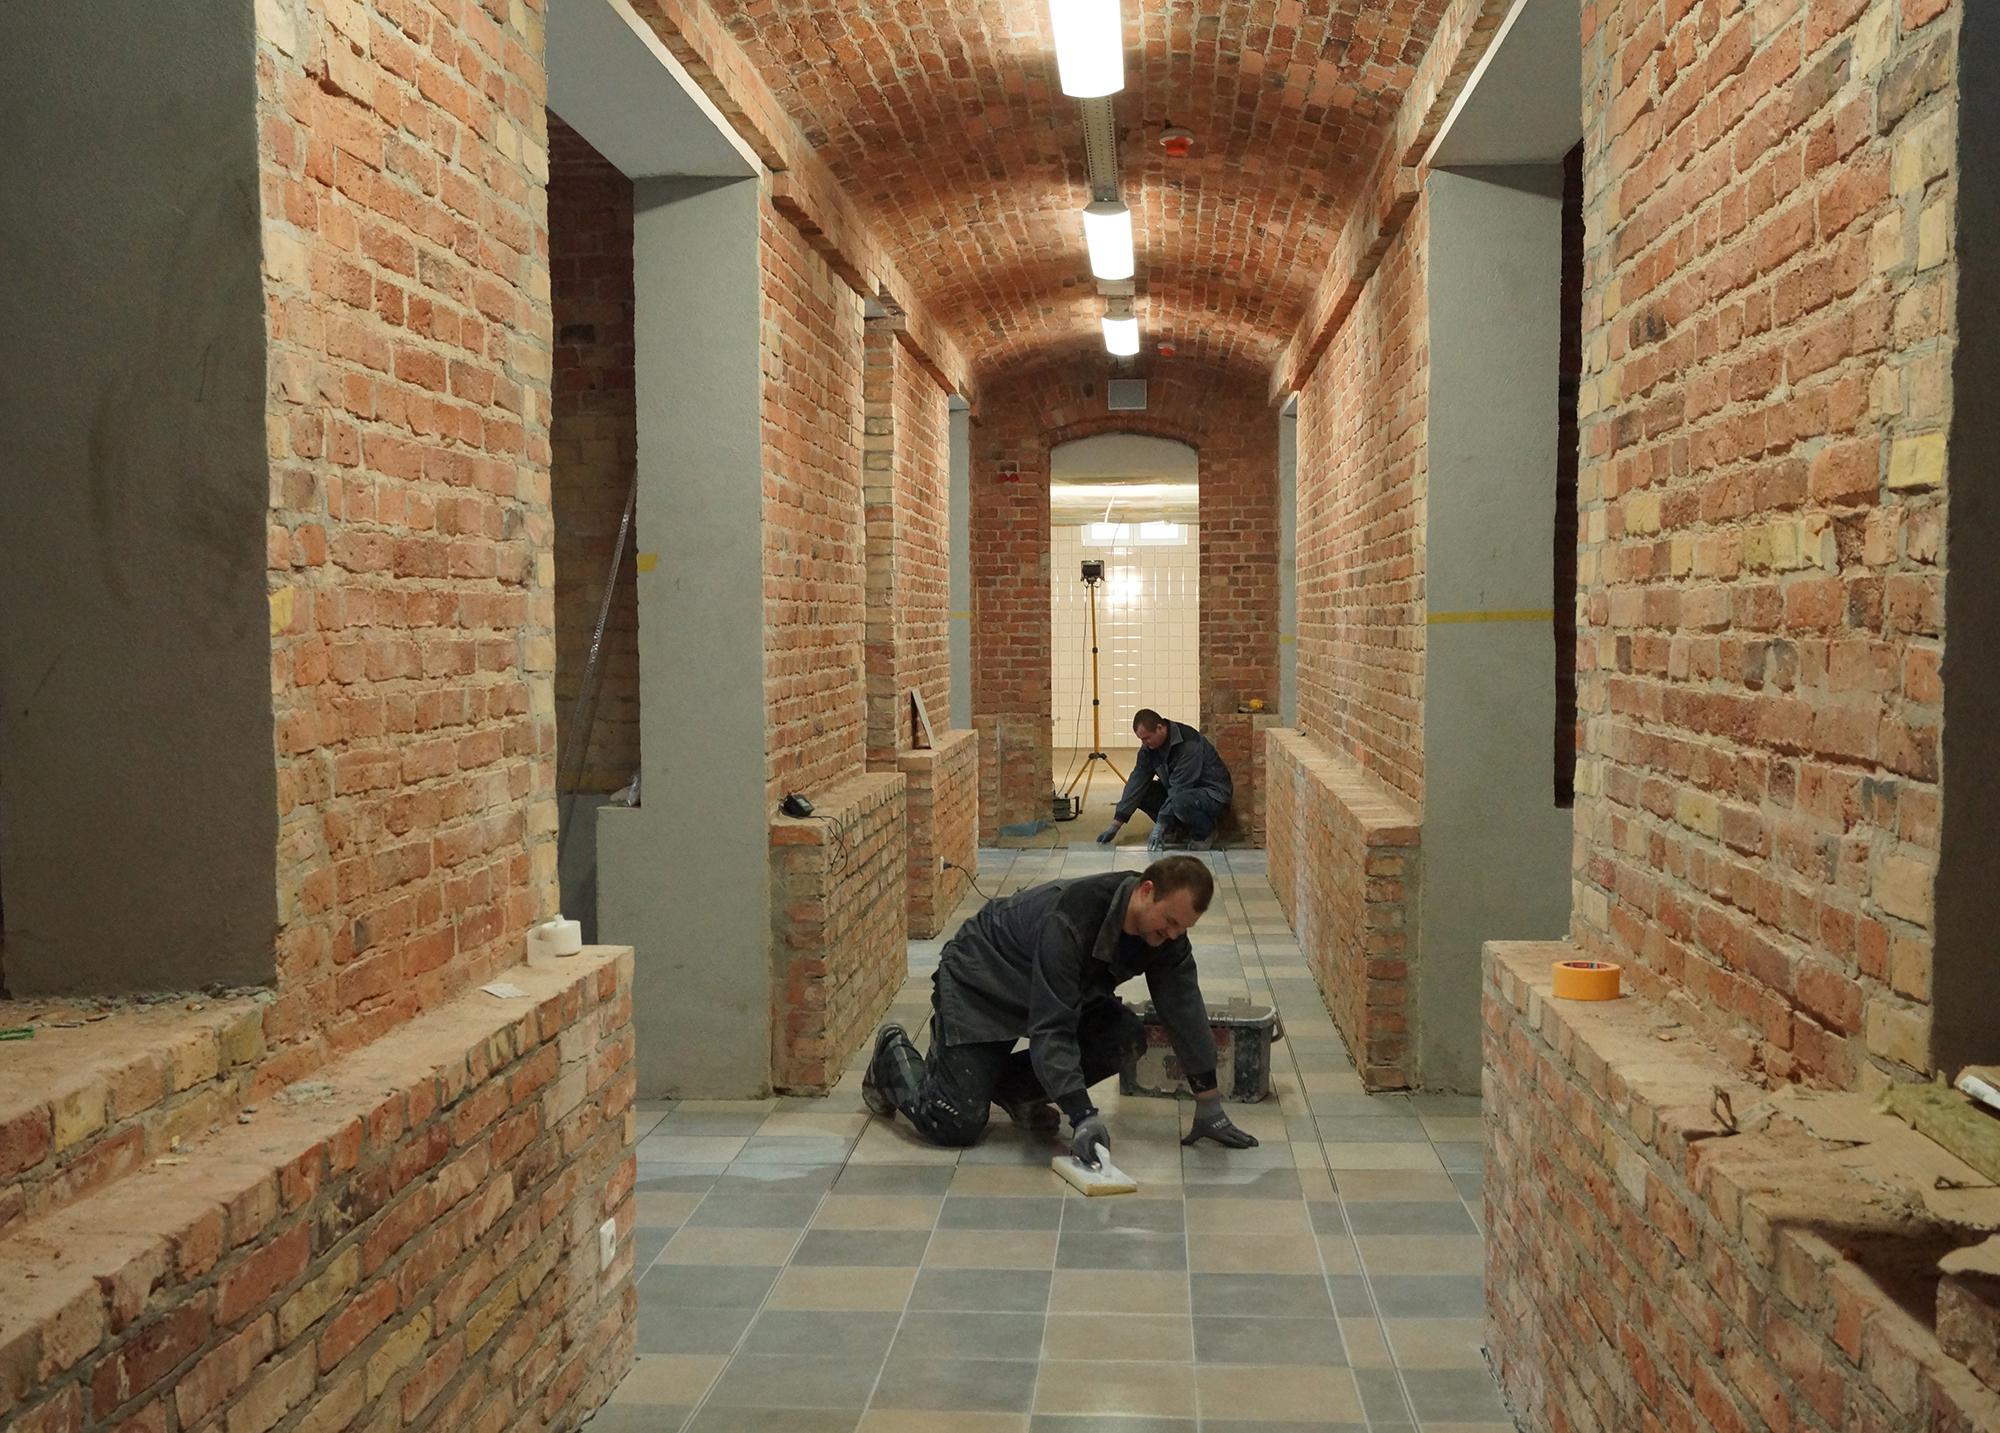 Bei der Sanierung und dem Umbau des Kellers wurden auch Fliesen sorgfältig und originalgetreu ersetzt. © Mitra gGmH